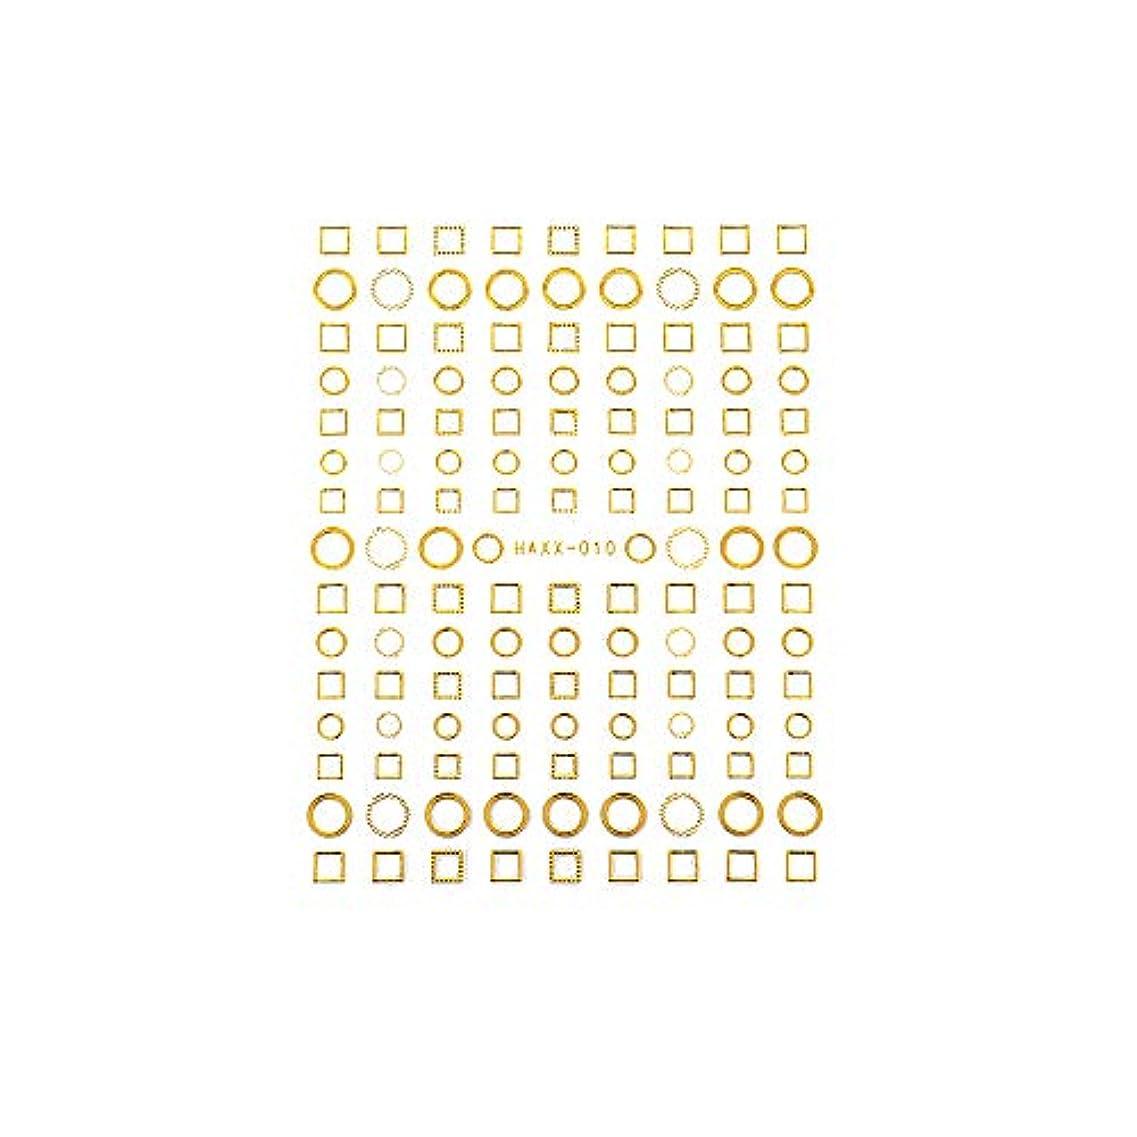 花適切に説教パーツ サークル ラウンド スクエア フレーム くり抜き ネイルシール フレームコレクションシール ゴールド【HAXX-010】